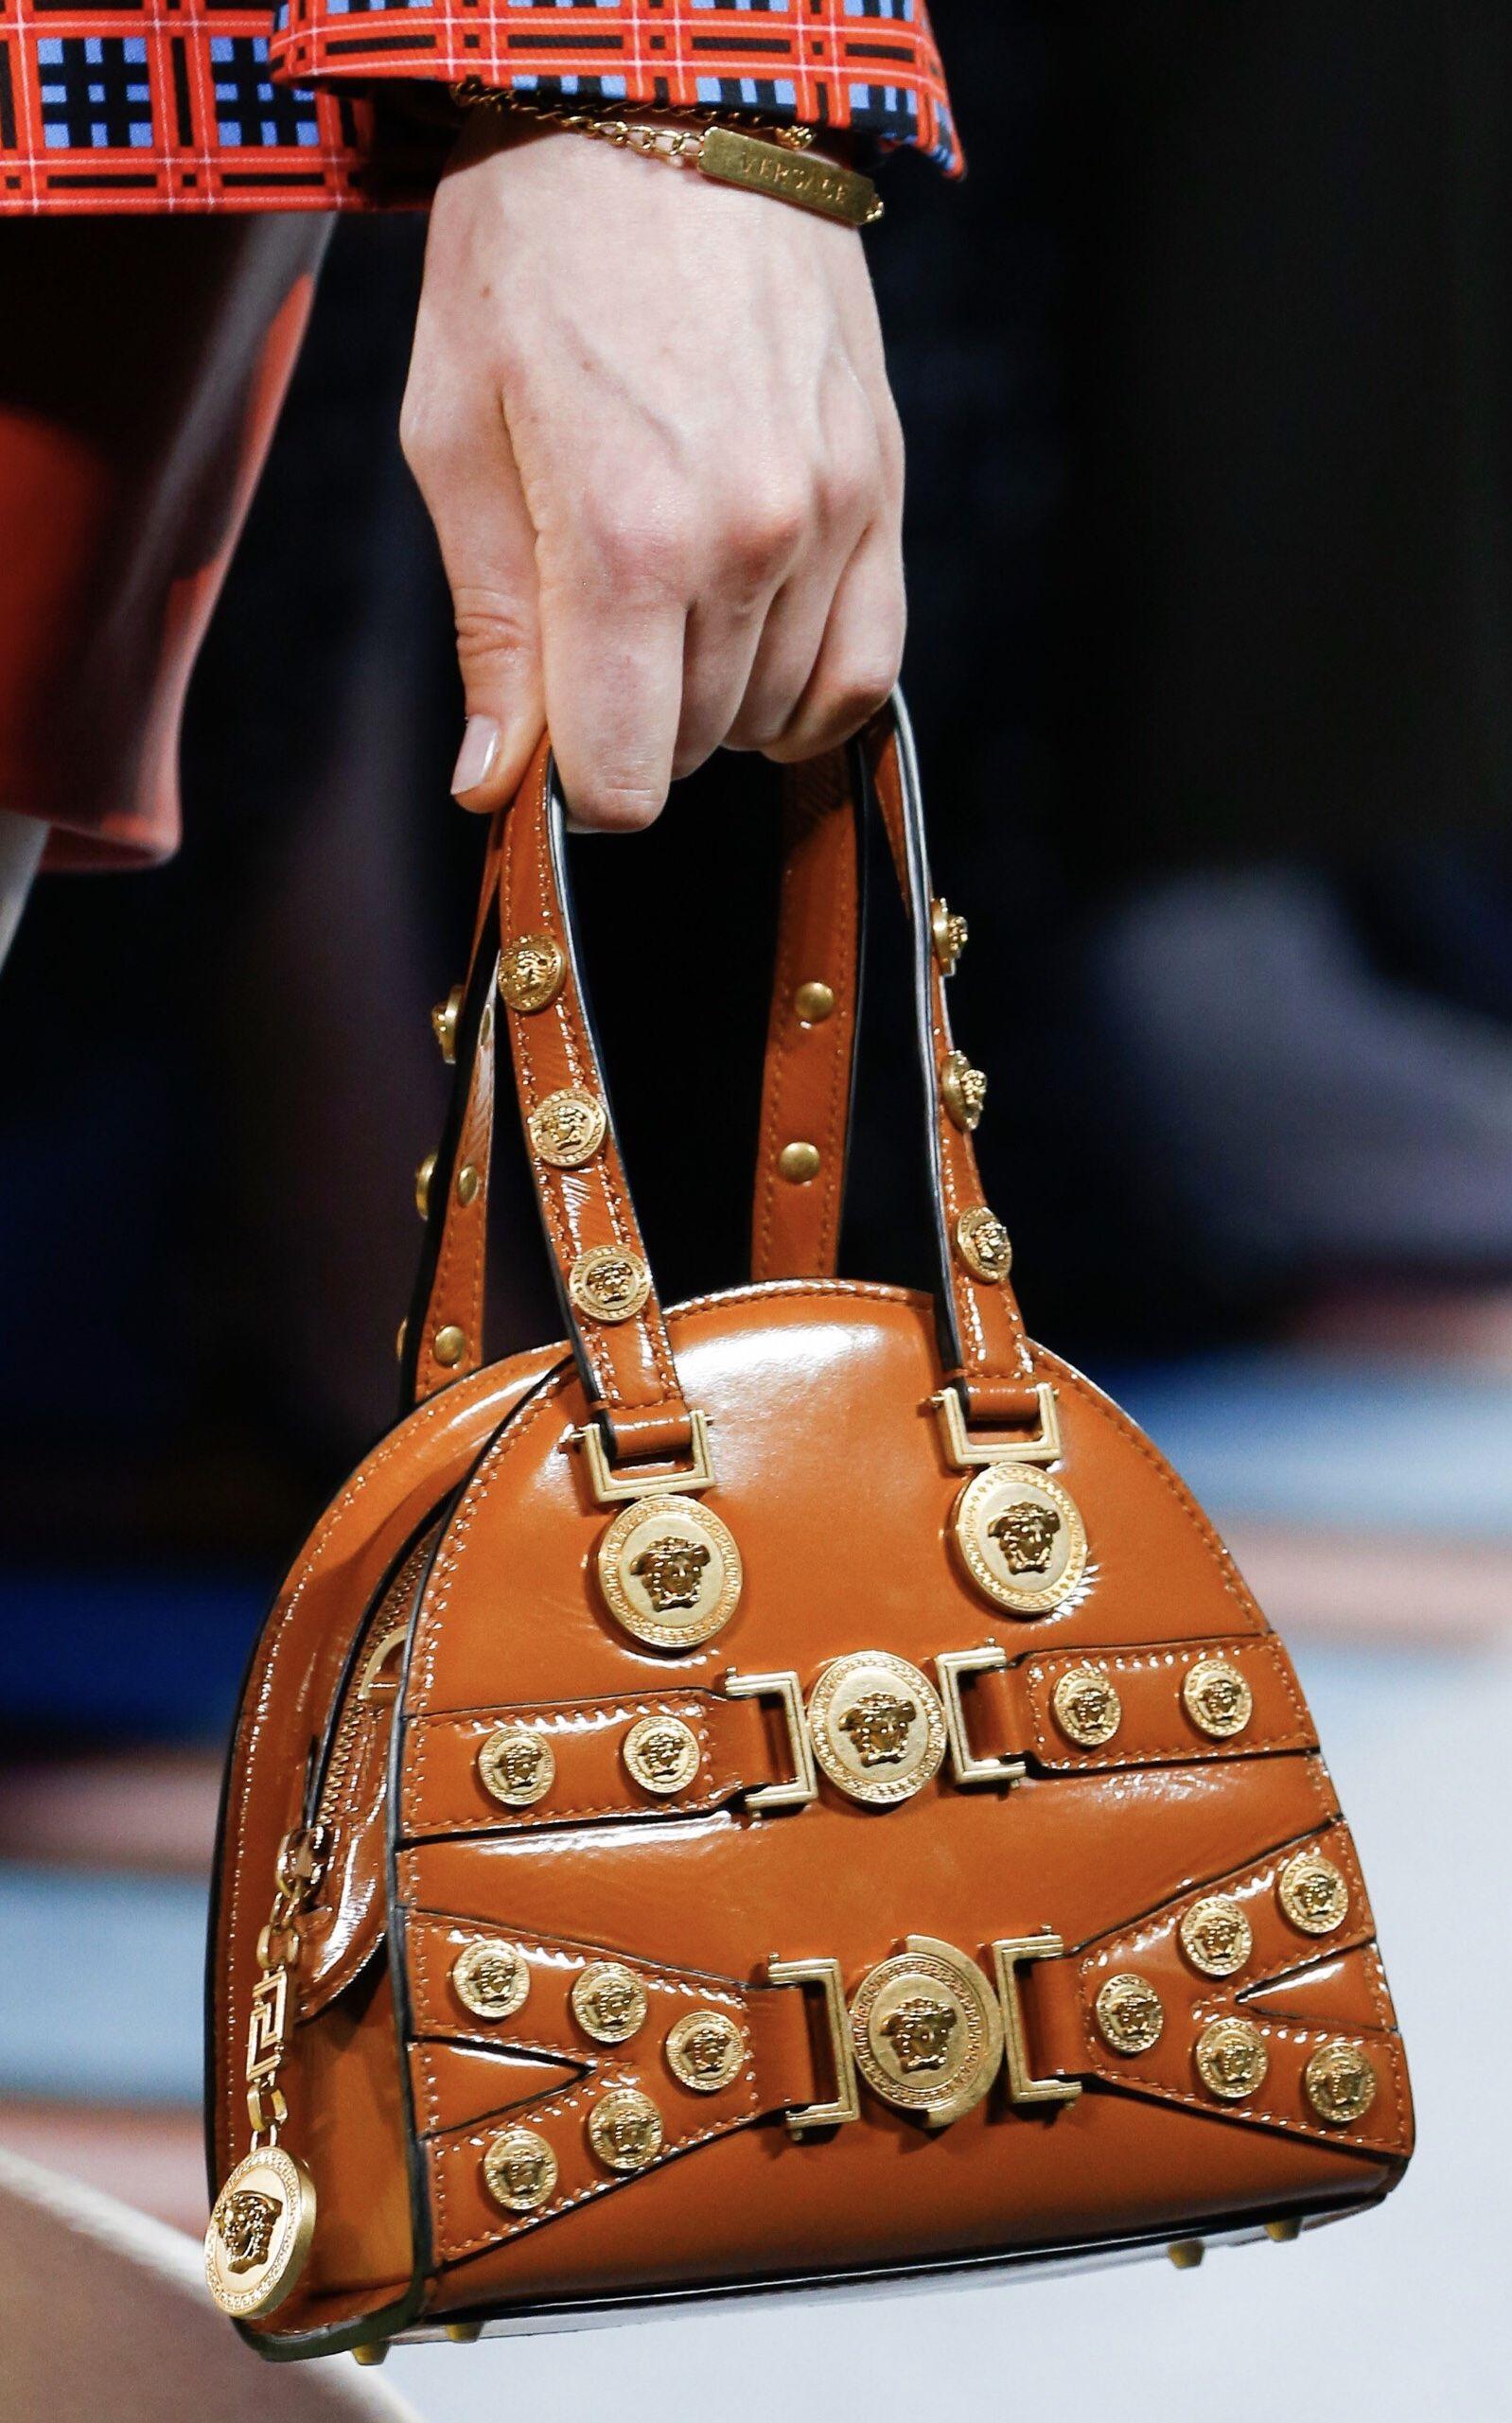 ea76a6341da VERSACE Spring 2019 Ready-To-Wear Handbag Collection   VERSACE MODA ...